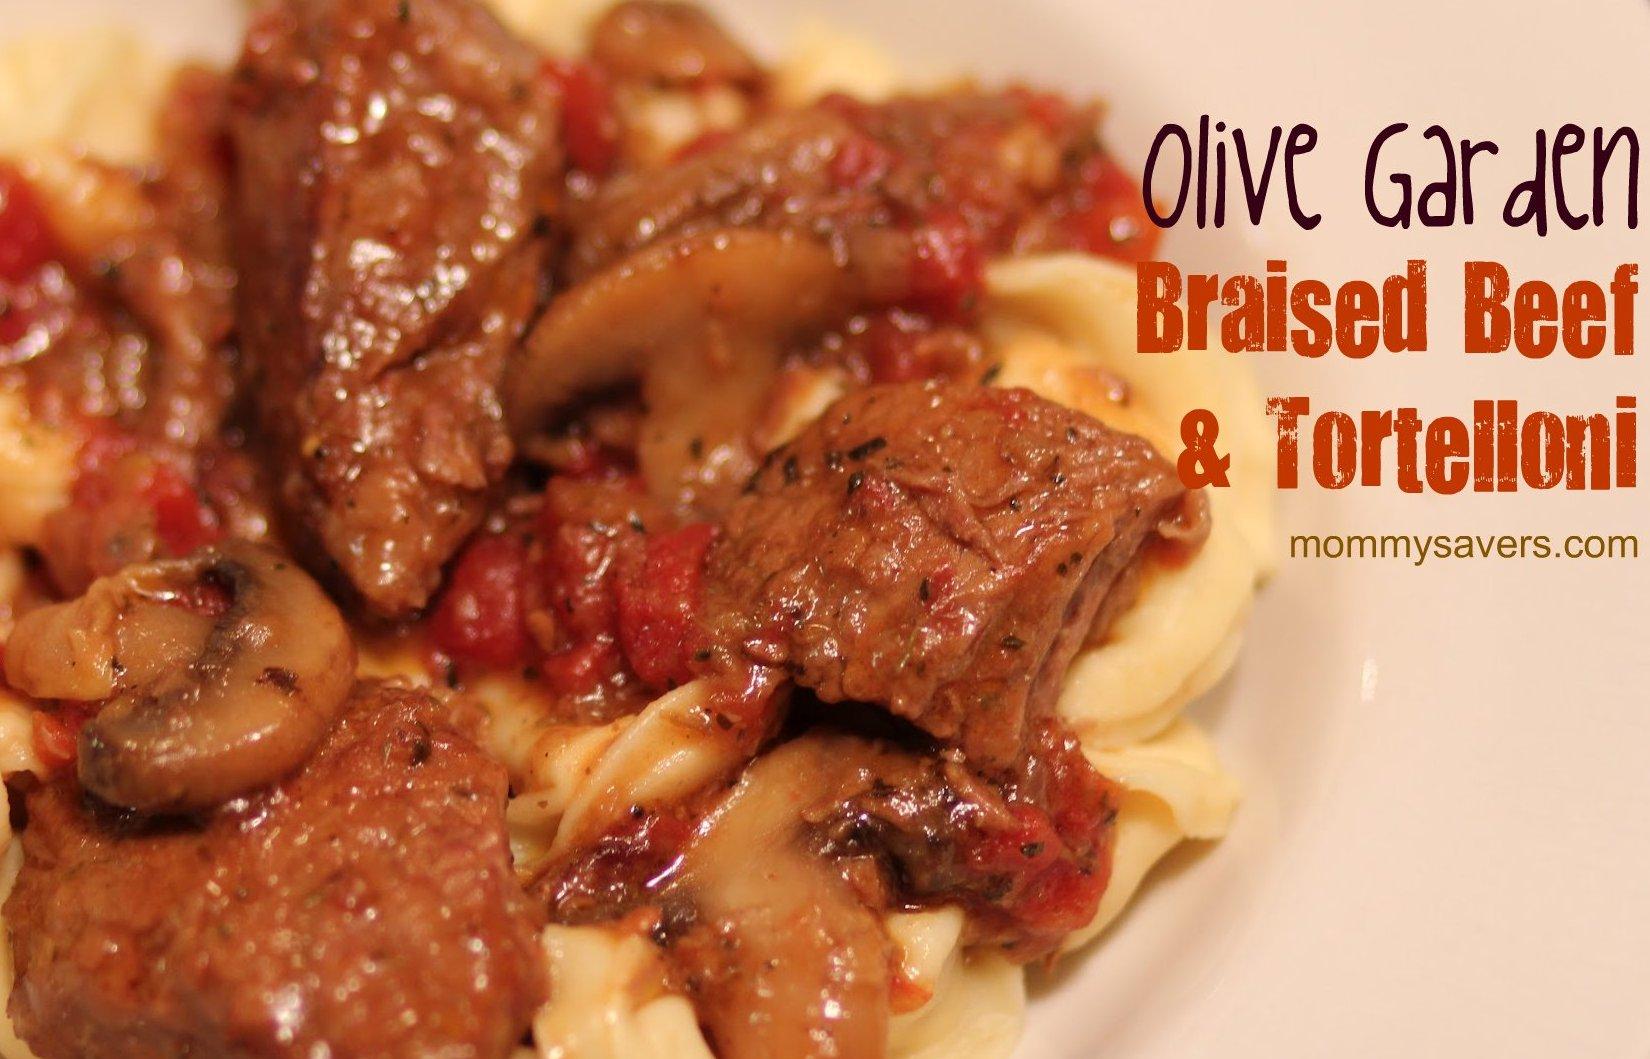 olive garden braised beef tortelloni - Olive Garden Valentines Day Special